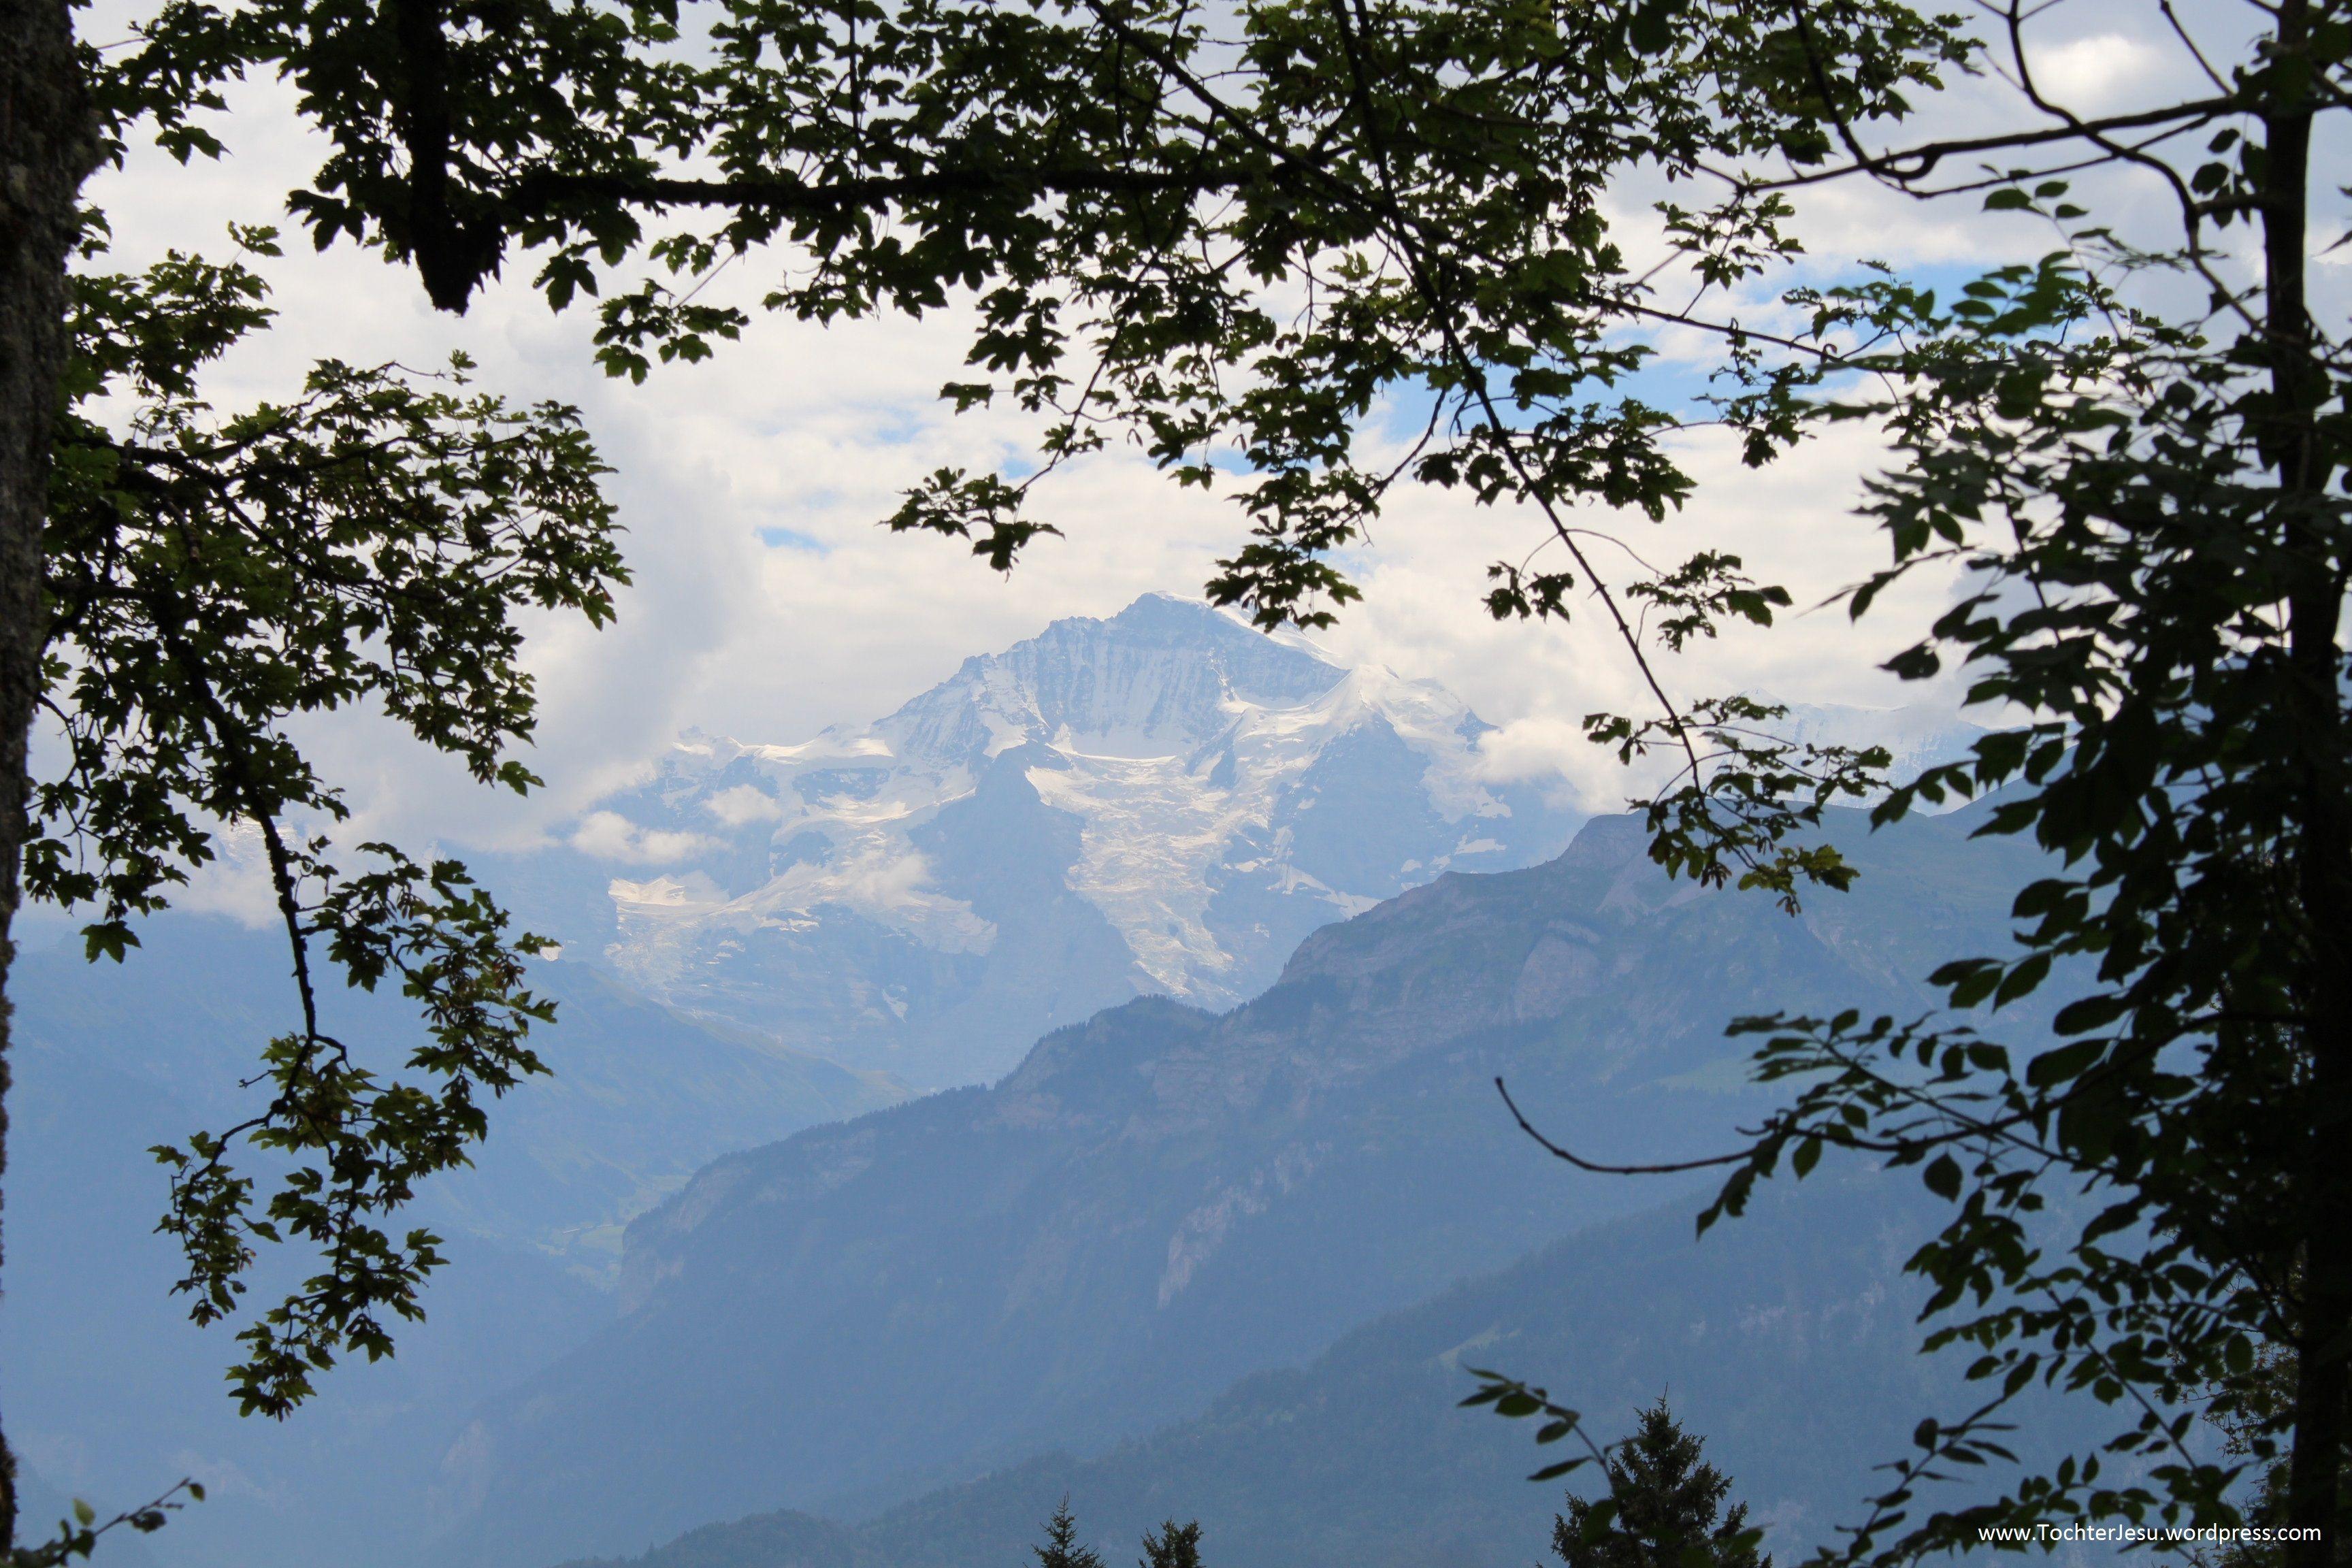 Mein Urlaub in der Schweiz - Tochter Jesu